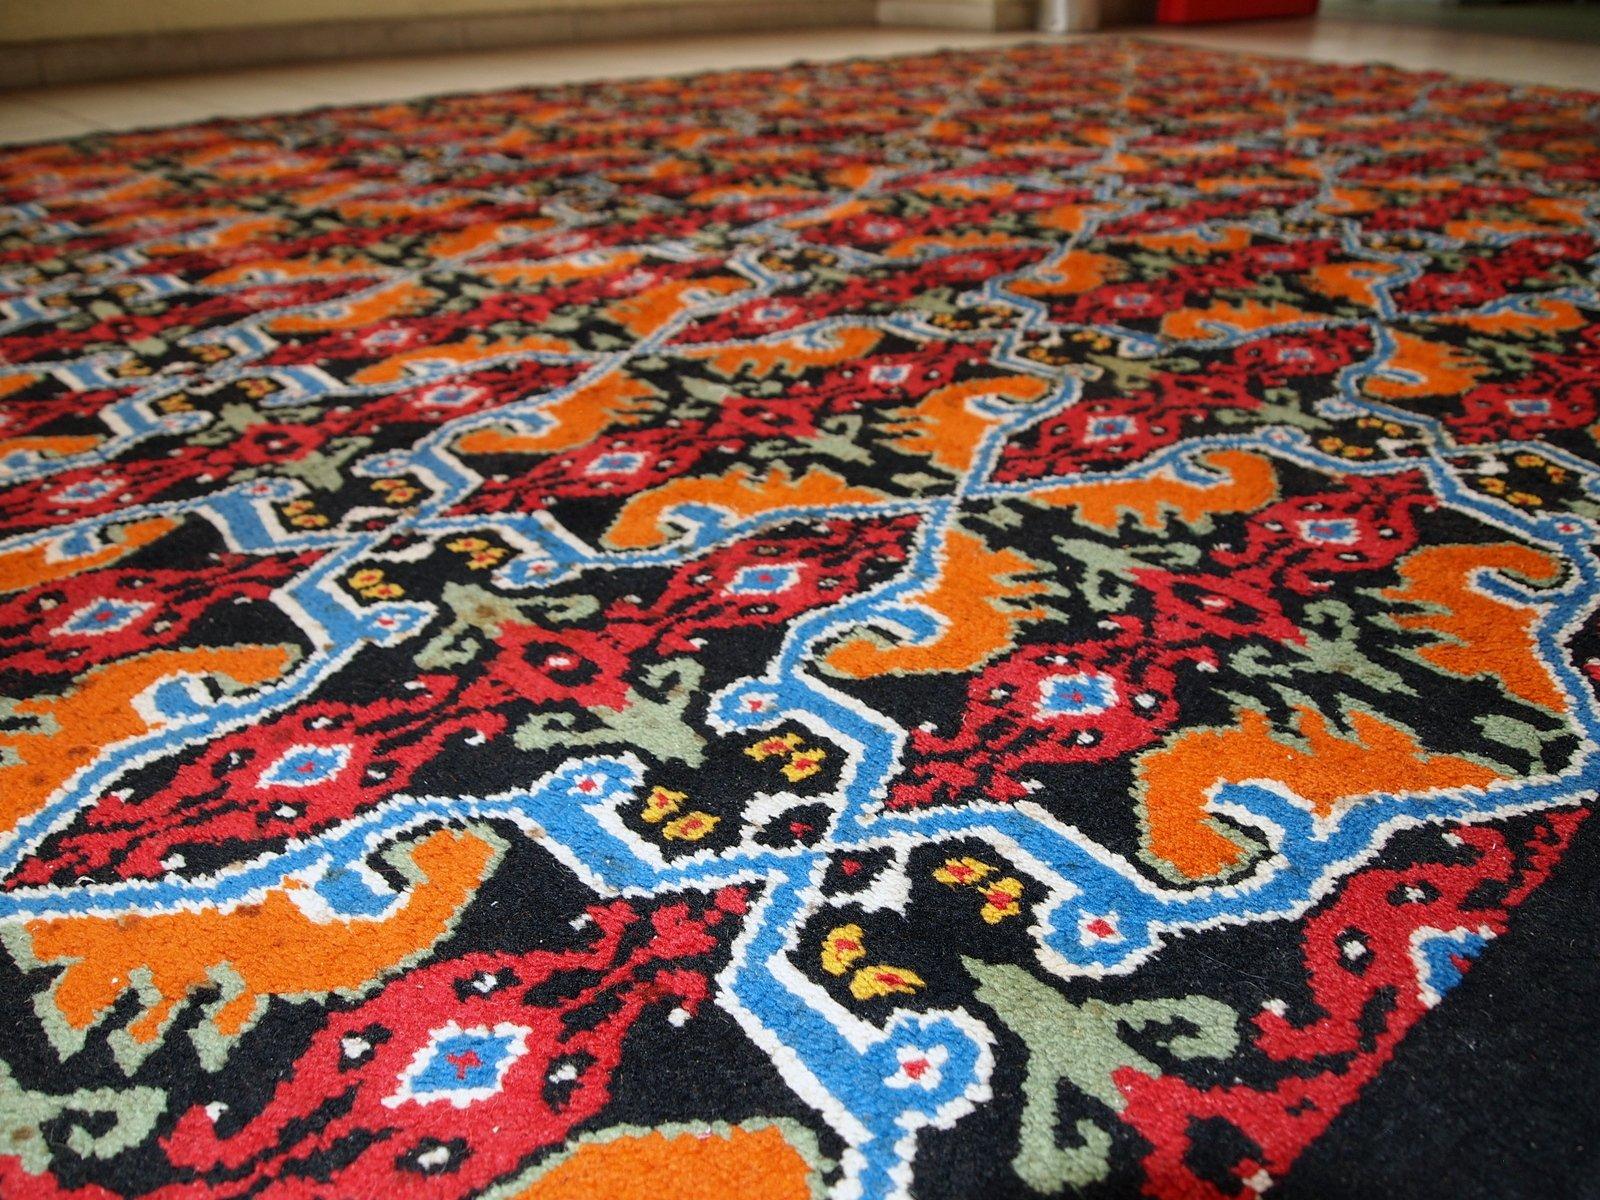 Vintage Moroccan Berber Rug, 1970s 8. $3,250.00. Price Per Piece